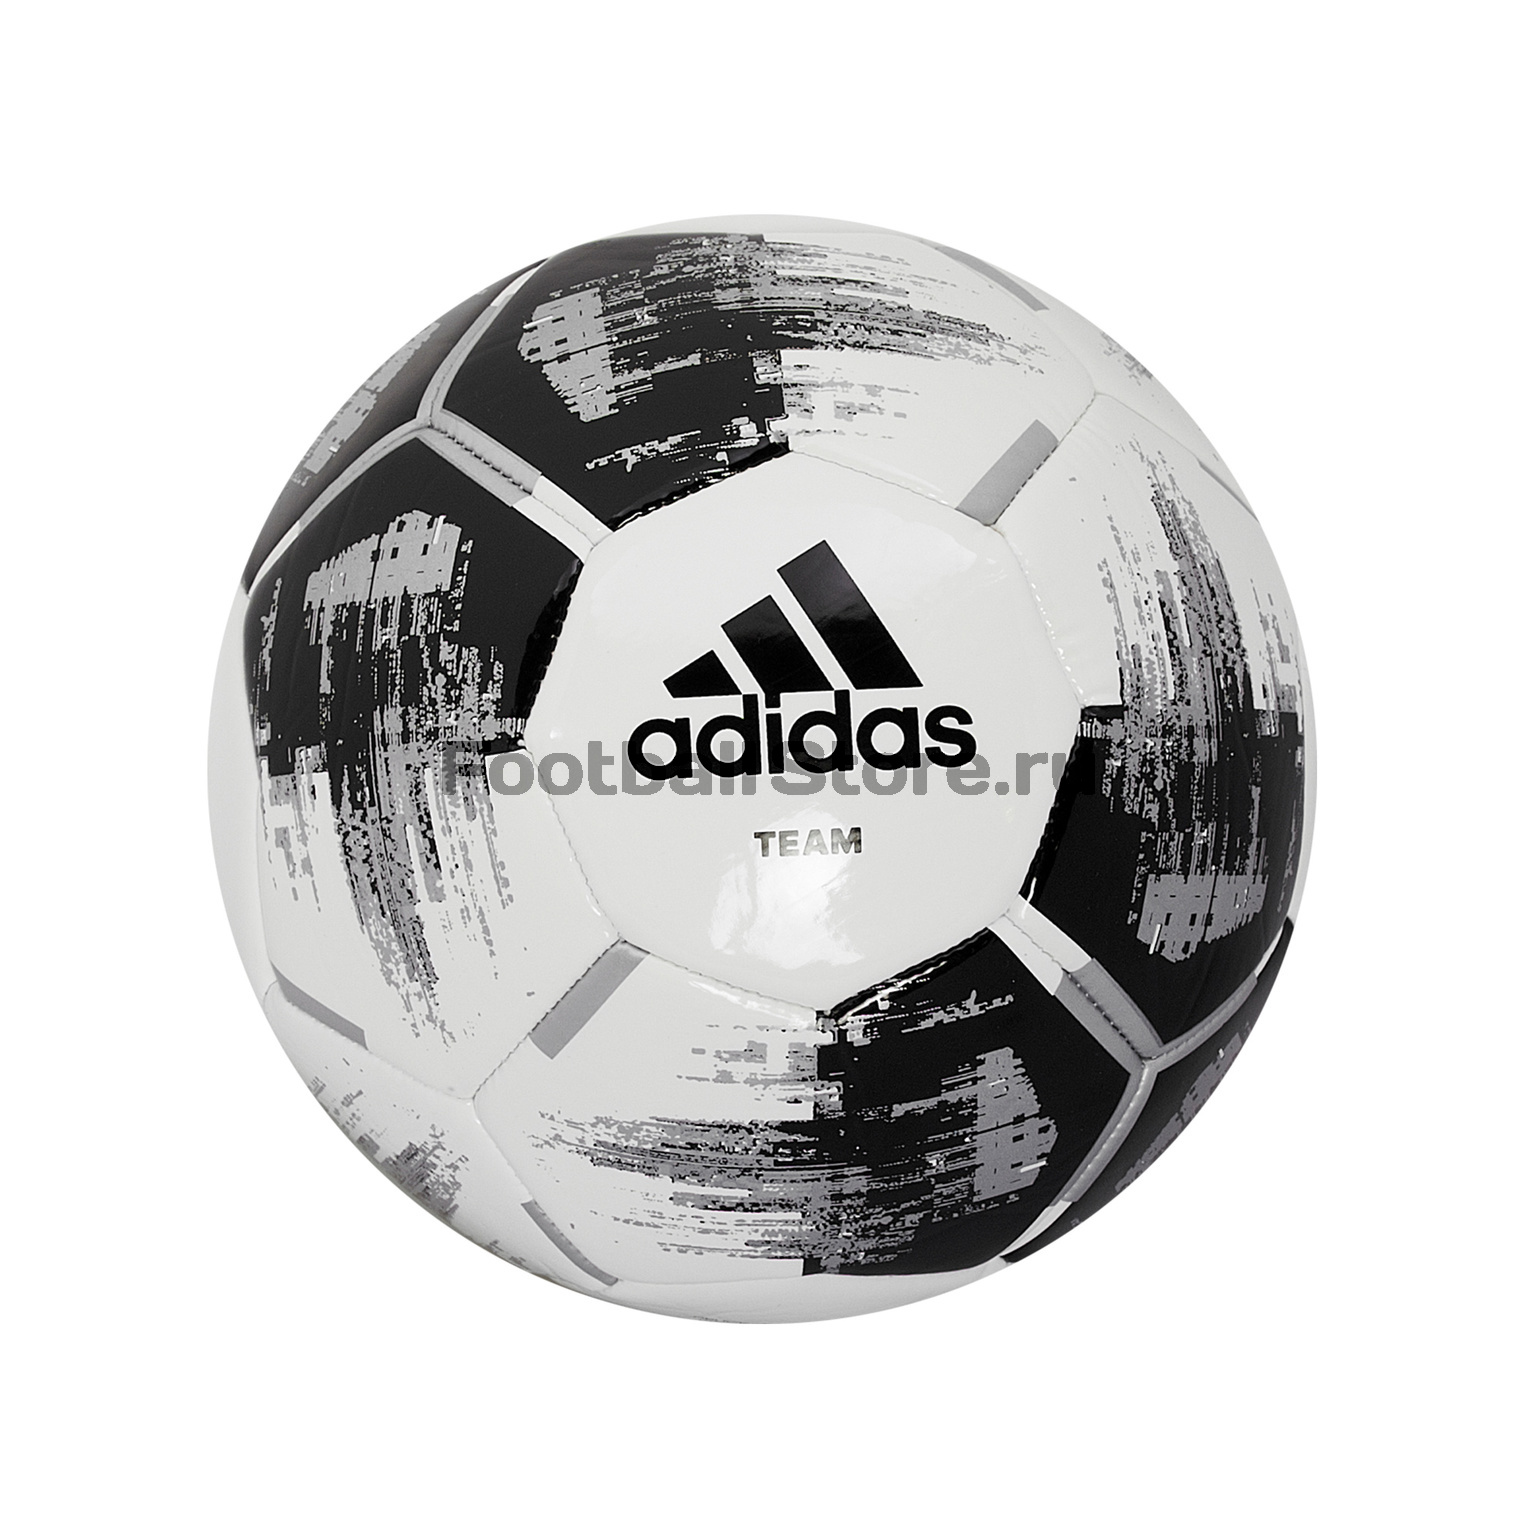 Футбольный мяч Adidas Team Glider CZ2230 цена 2017